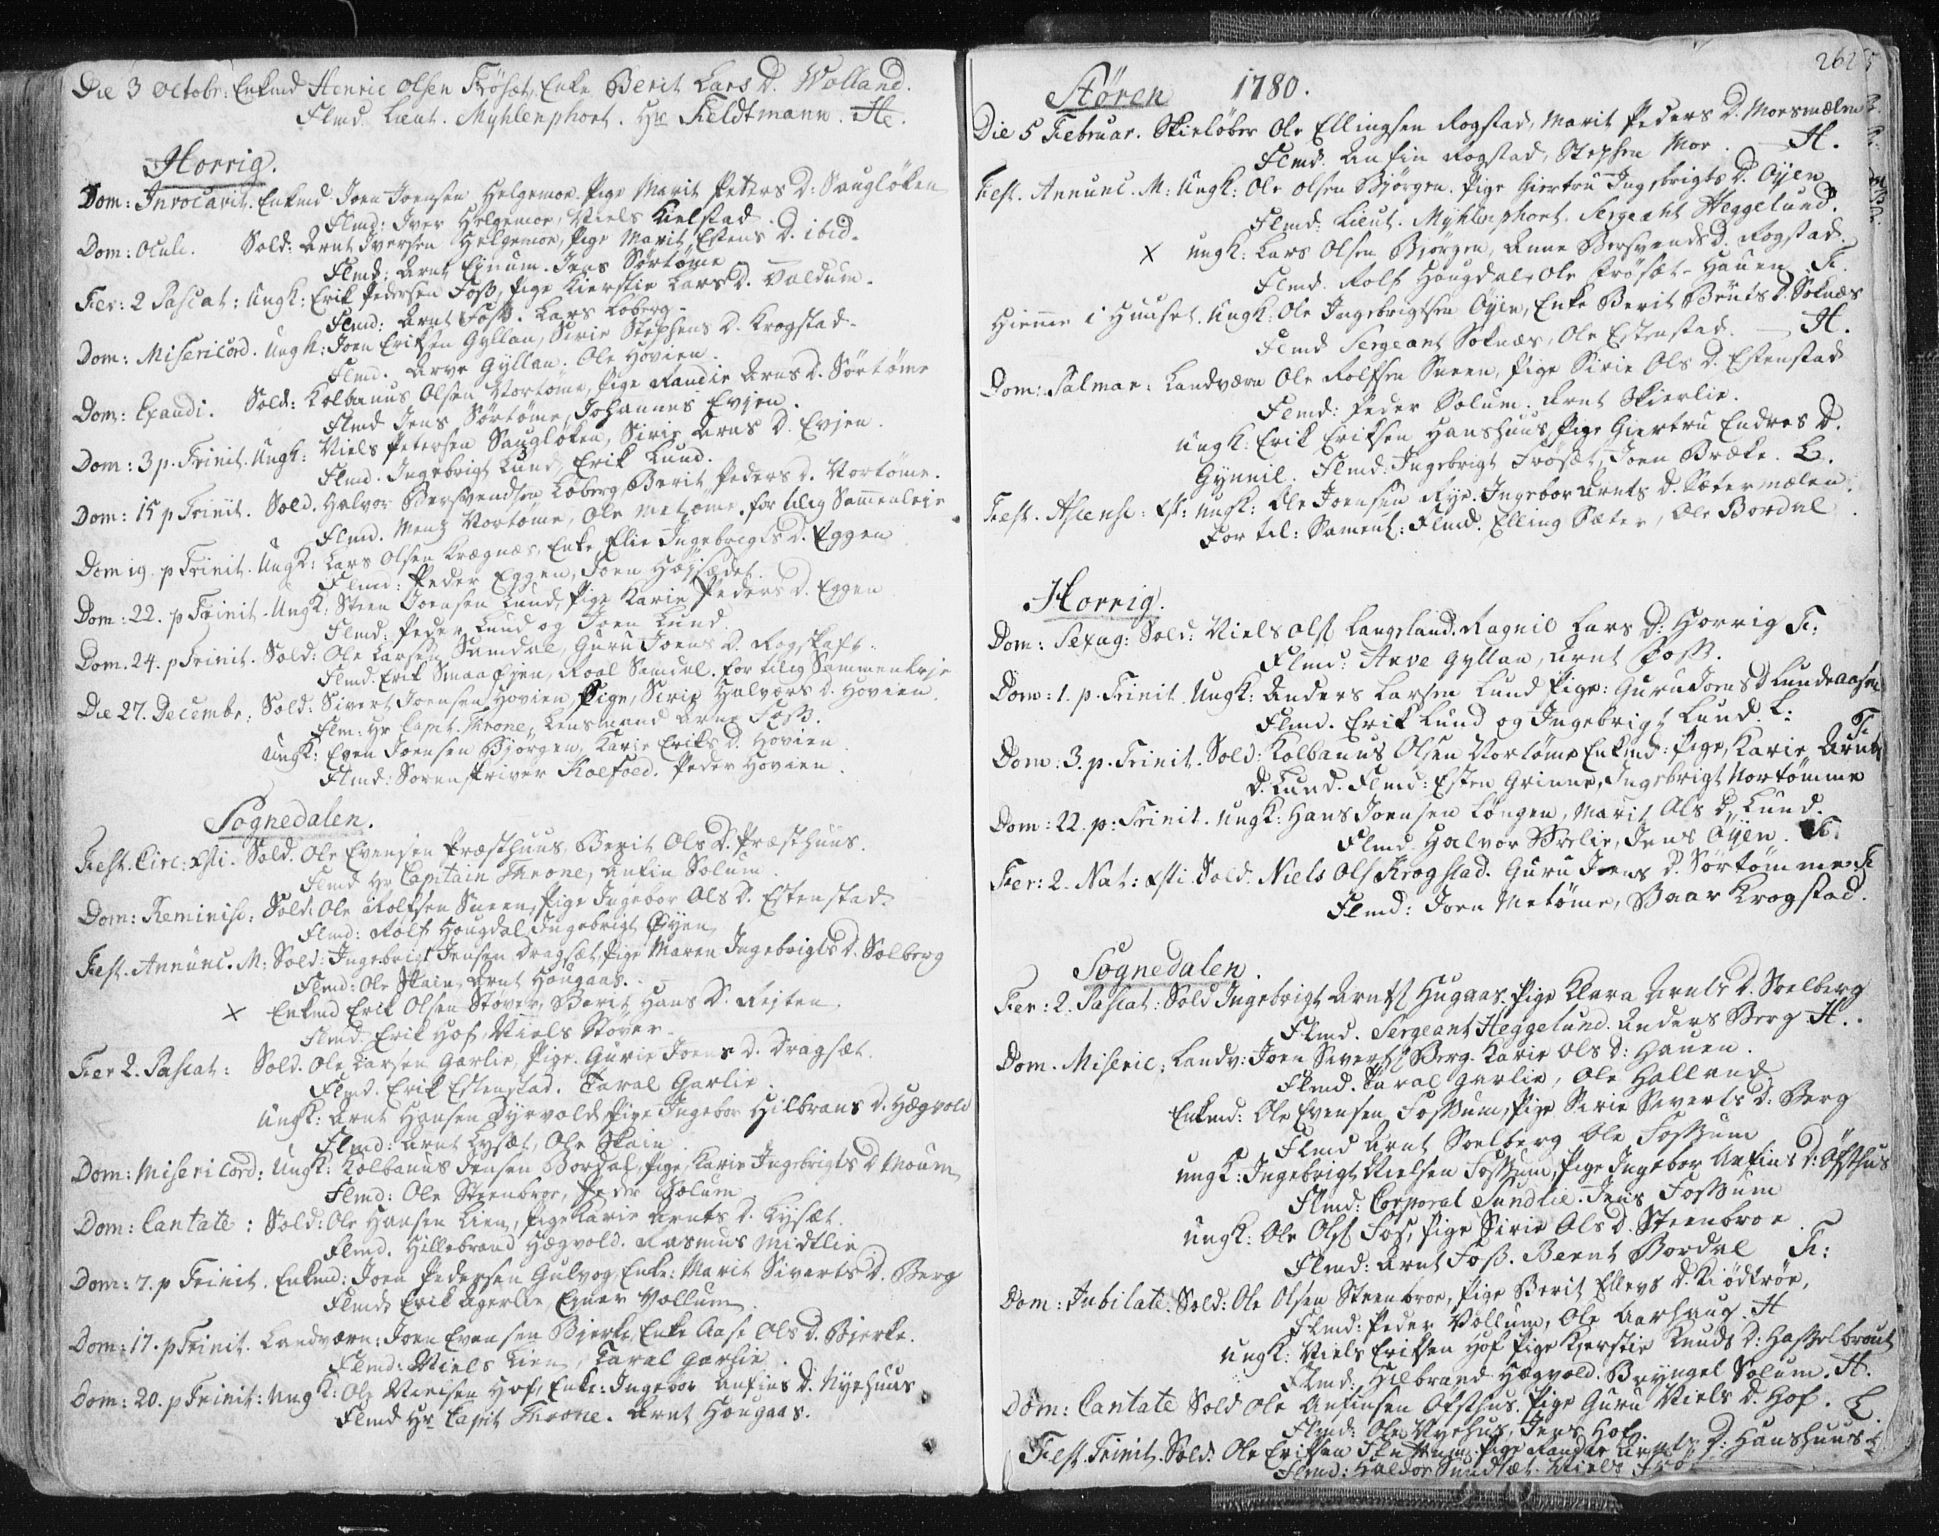 SAT, Ministerialprotokoller, klokkerbøker og fødselsregistre - Sør-Trøndelag, 687/L0991: Ministerialbok nr. 687A02, 1747-1790, s. 262